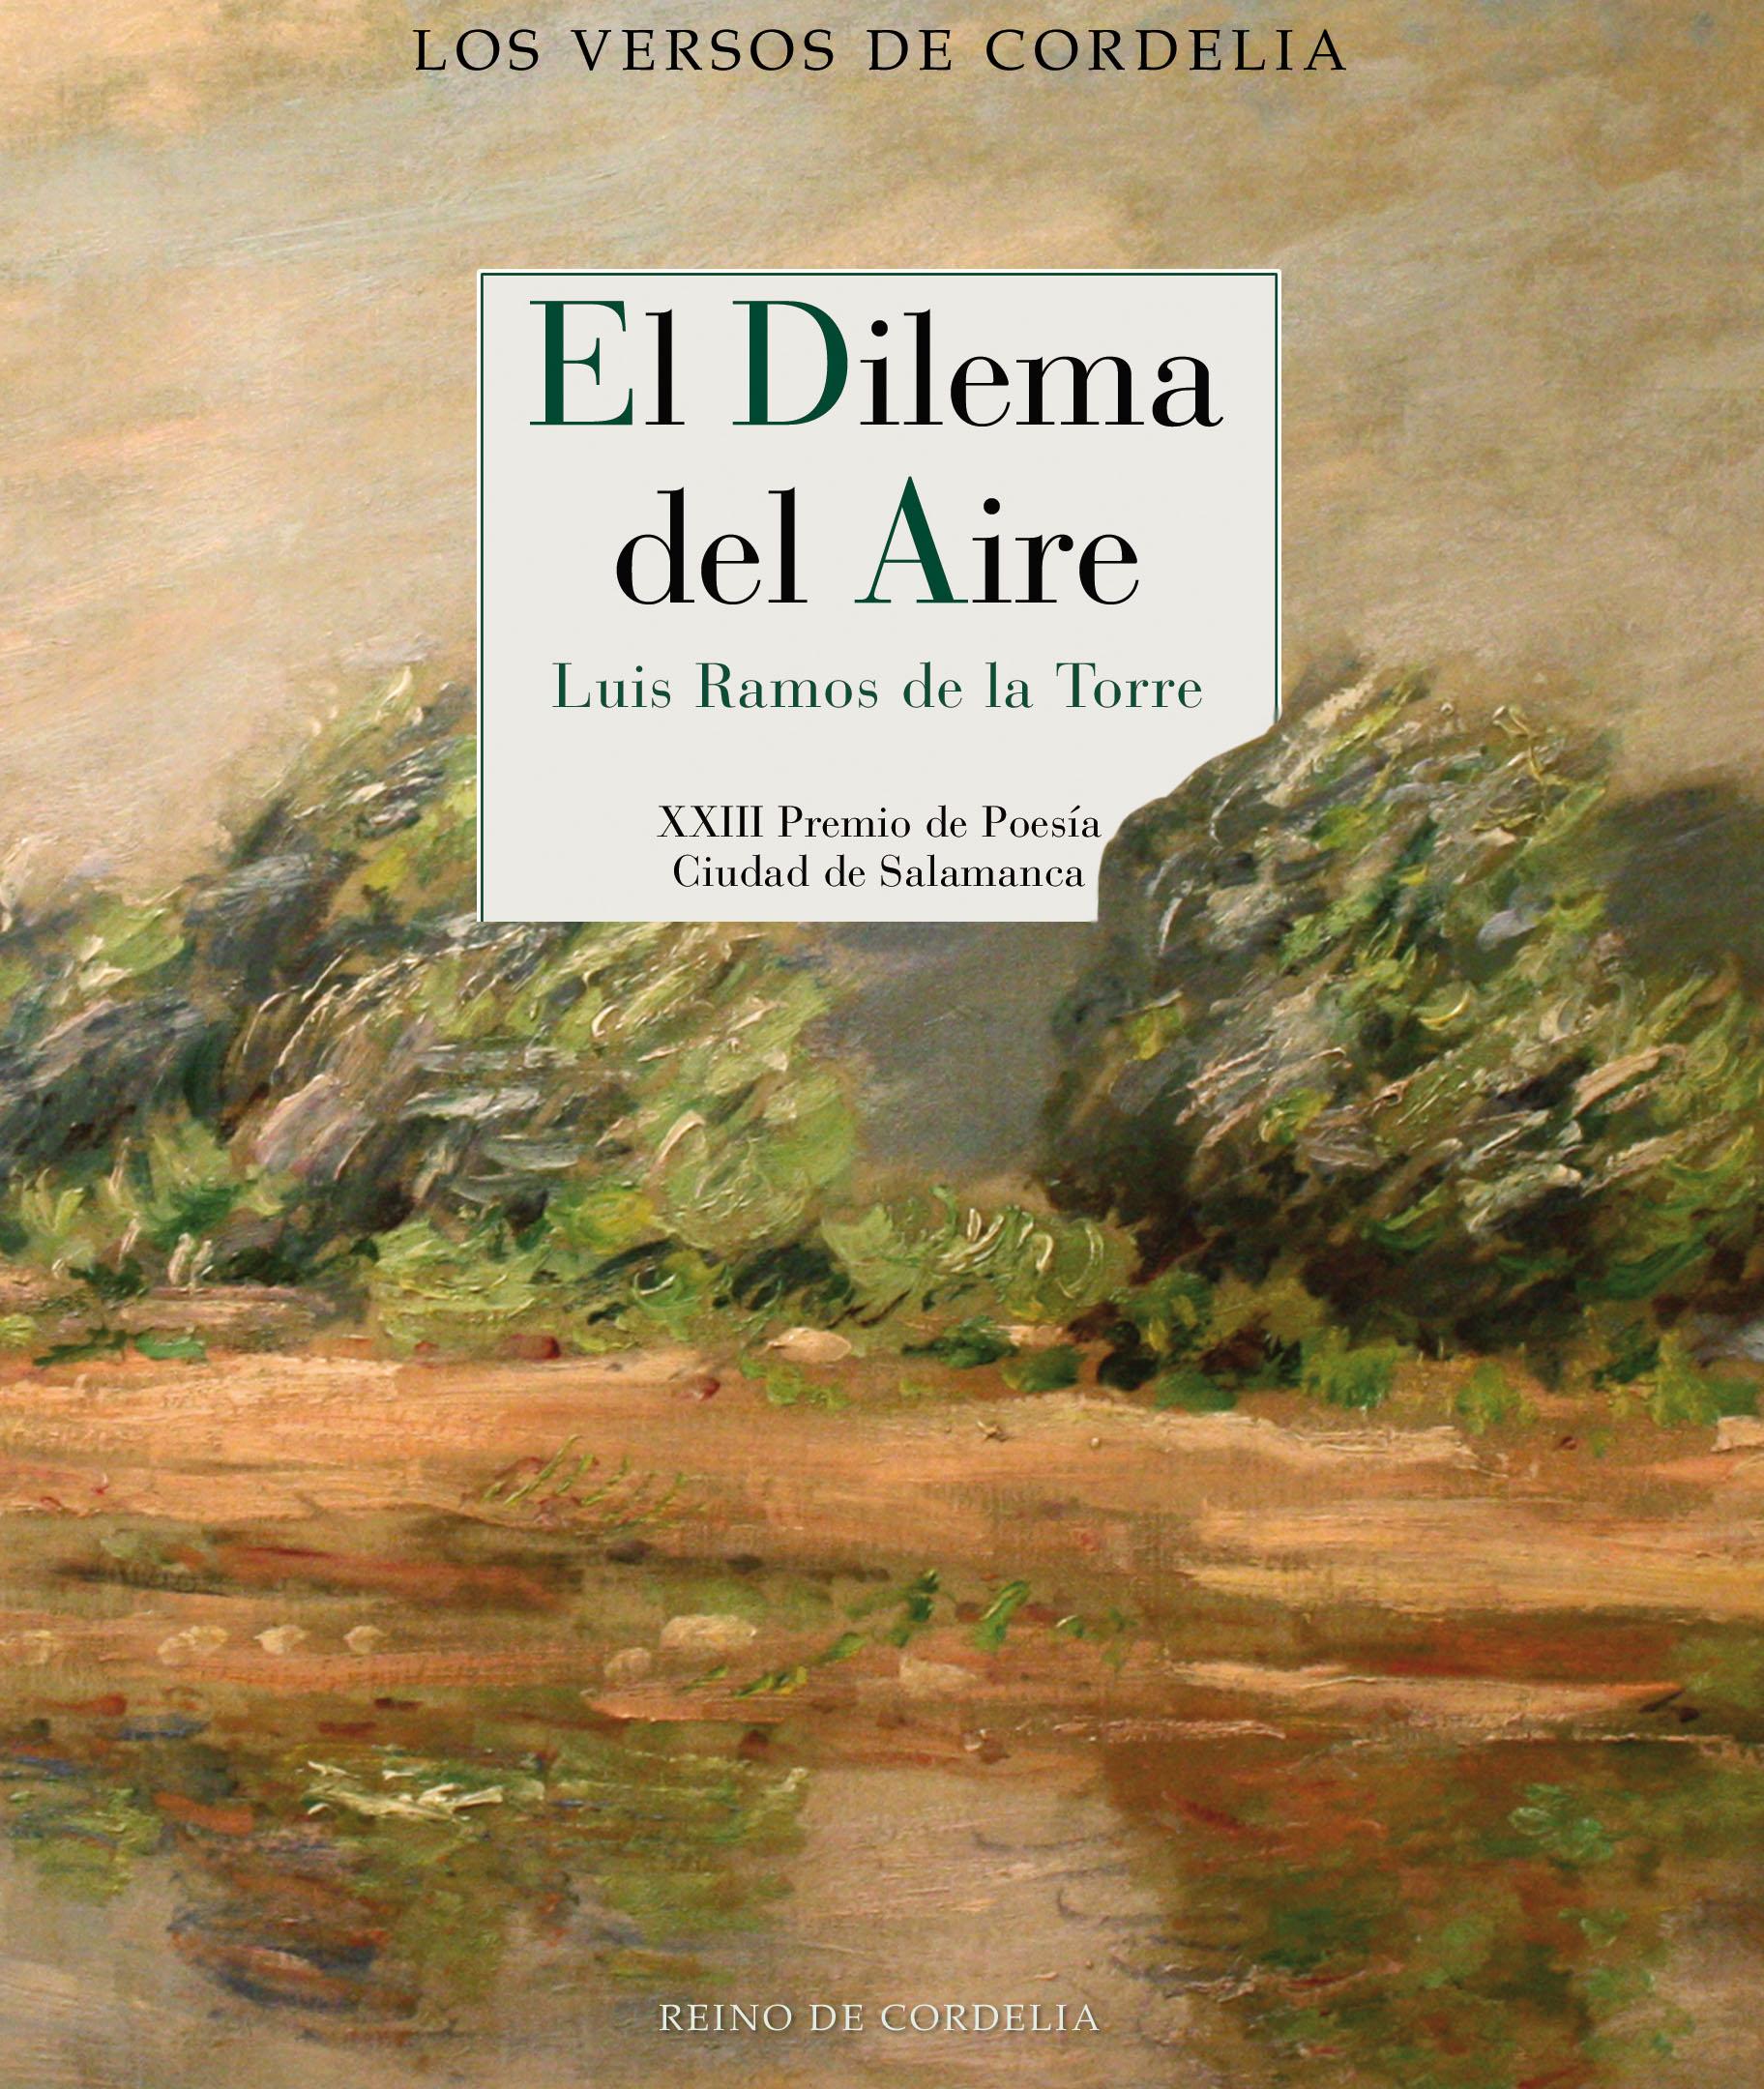 El dilema del aire   «XXIII Premio de Poesía Ciudad de Salamanca»